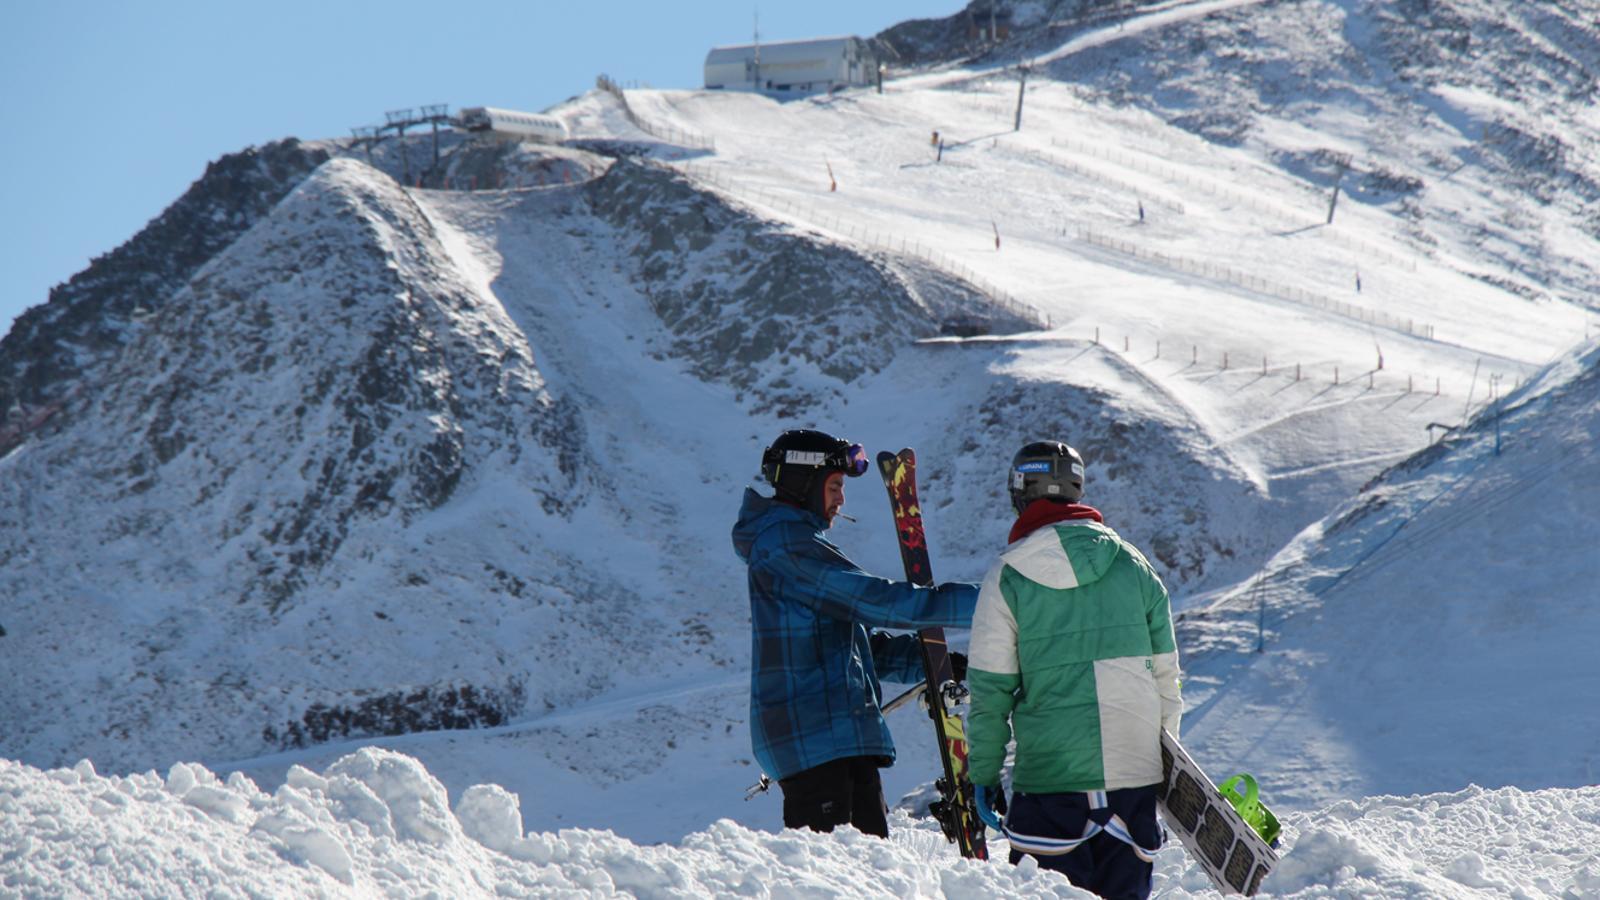 Dos joves es preparen per esquiar al Pas de la Casa.